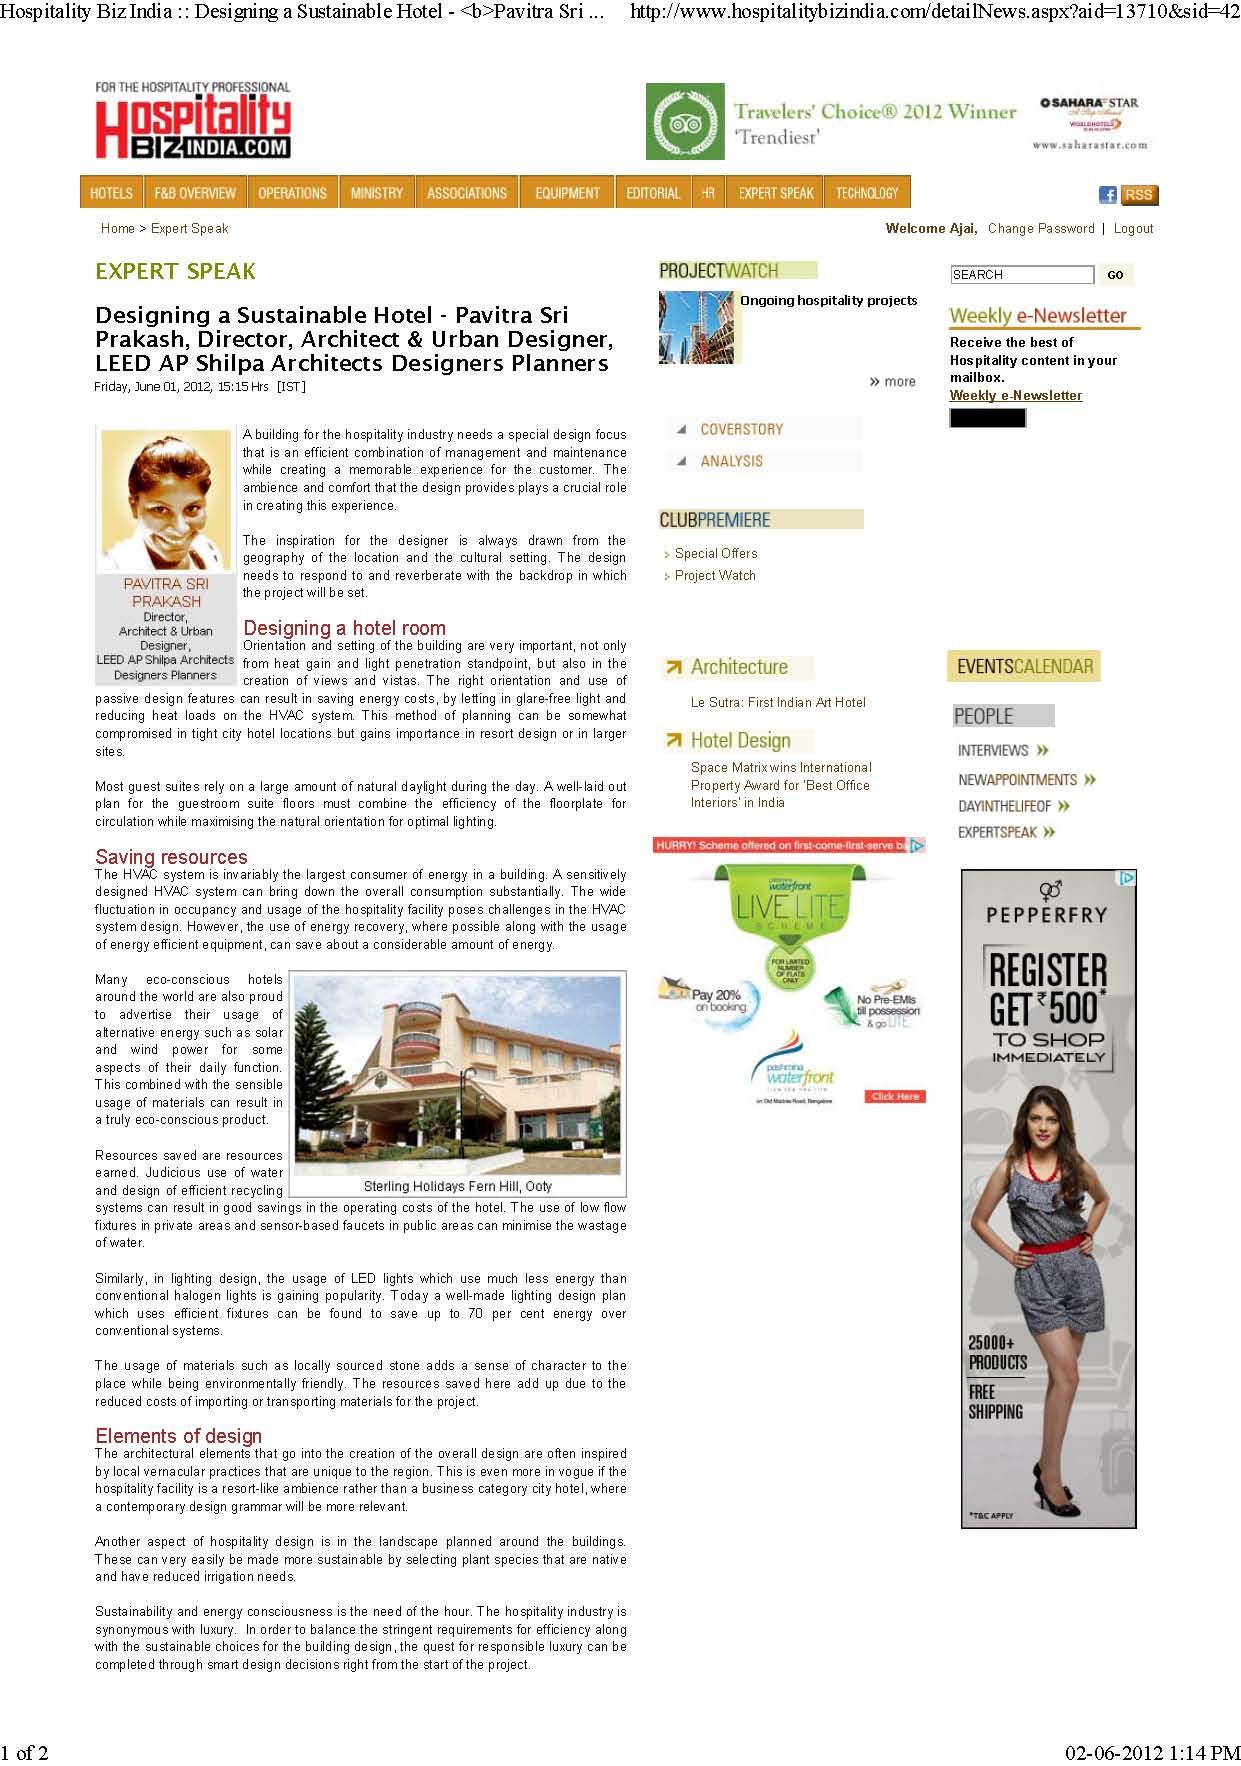 Hospitality Biz - Expert Speak (Pavitra Sri Prakash)